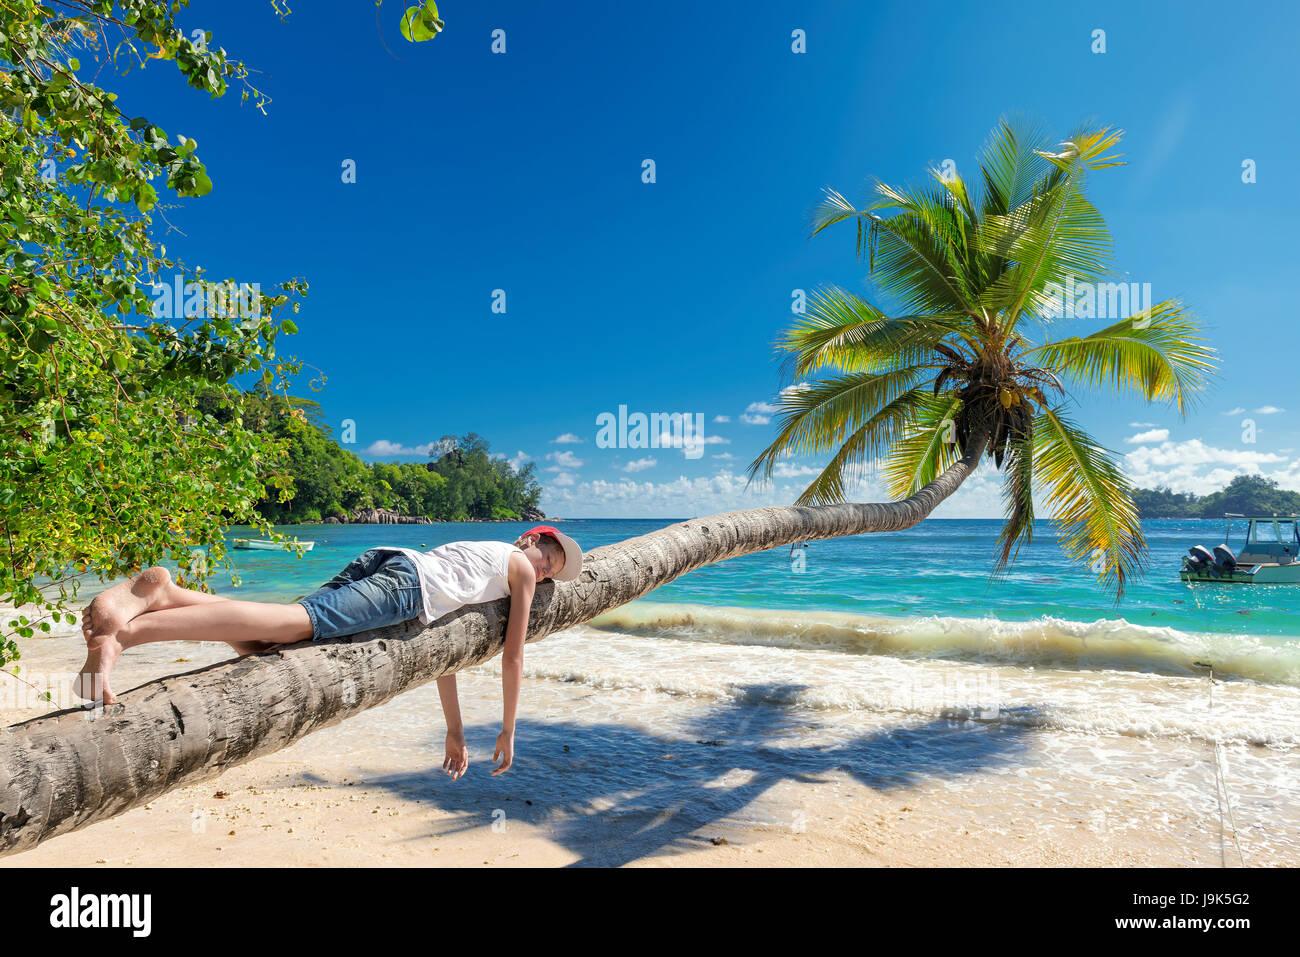 Carino boy in appoggio giacente su un albero di palma a isola tropicale su vacationю Immagini Stock